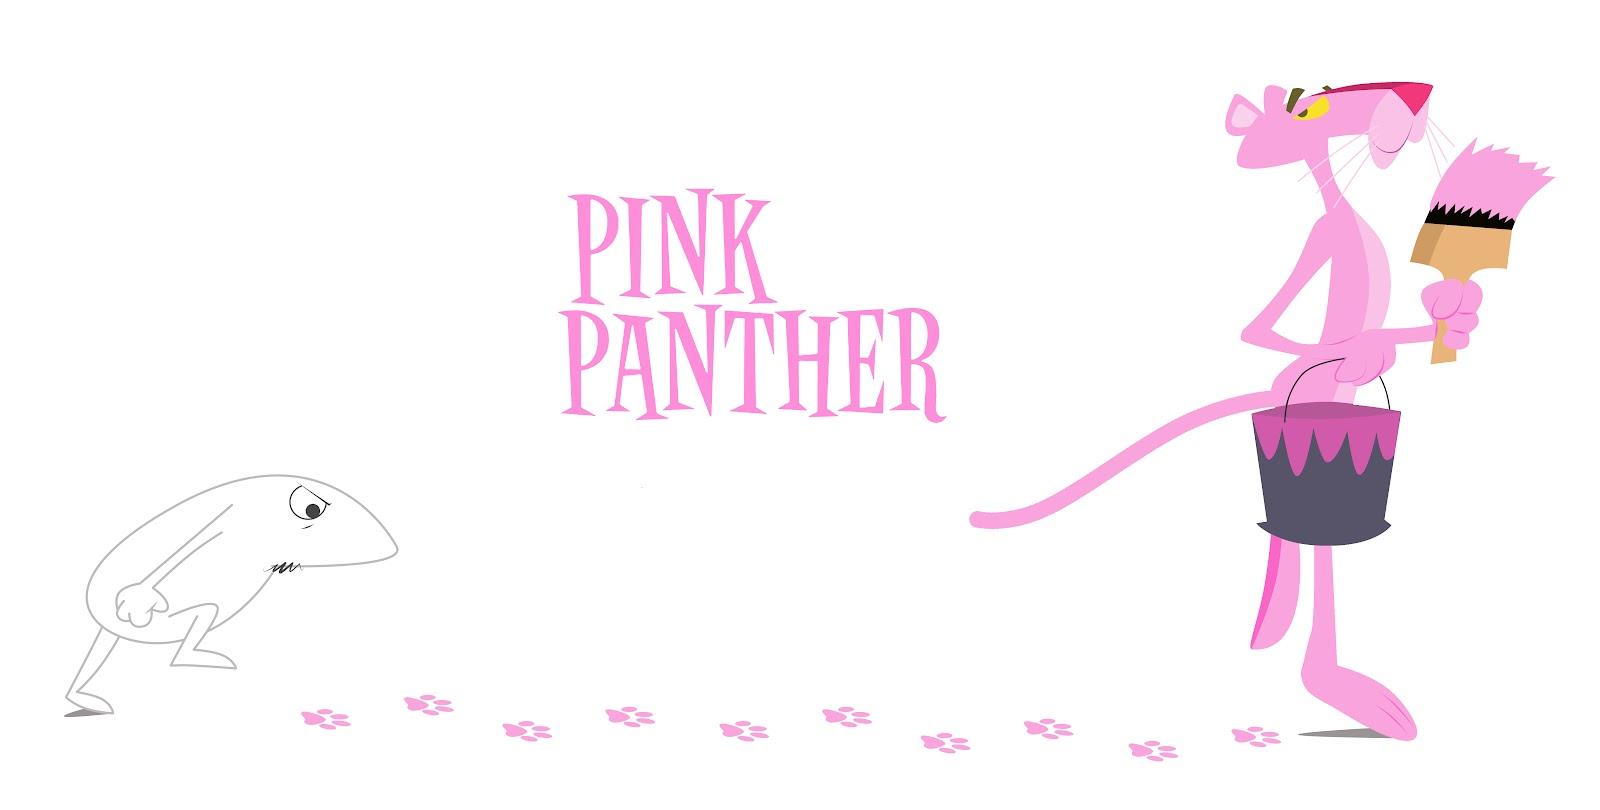 Pink Panther Wallpaper Free Download